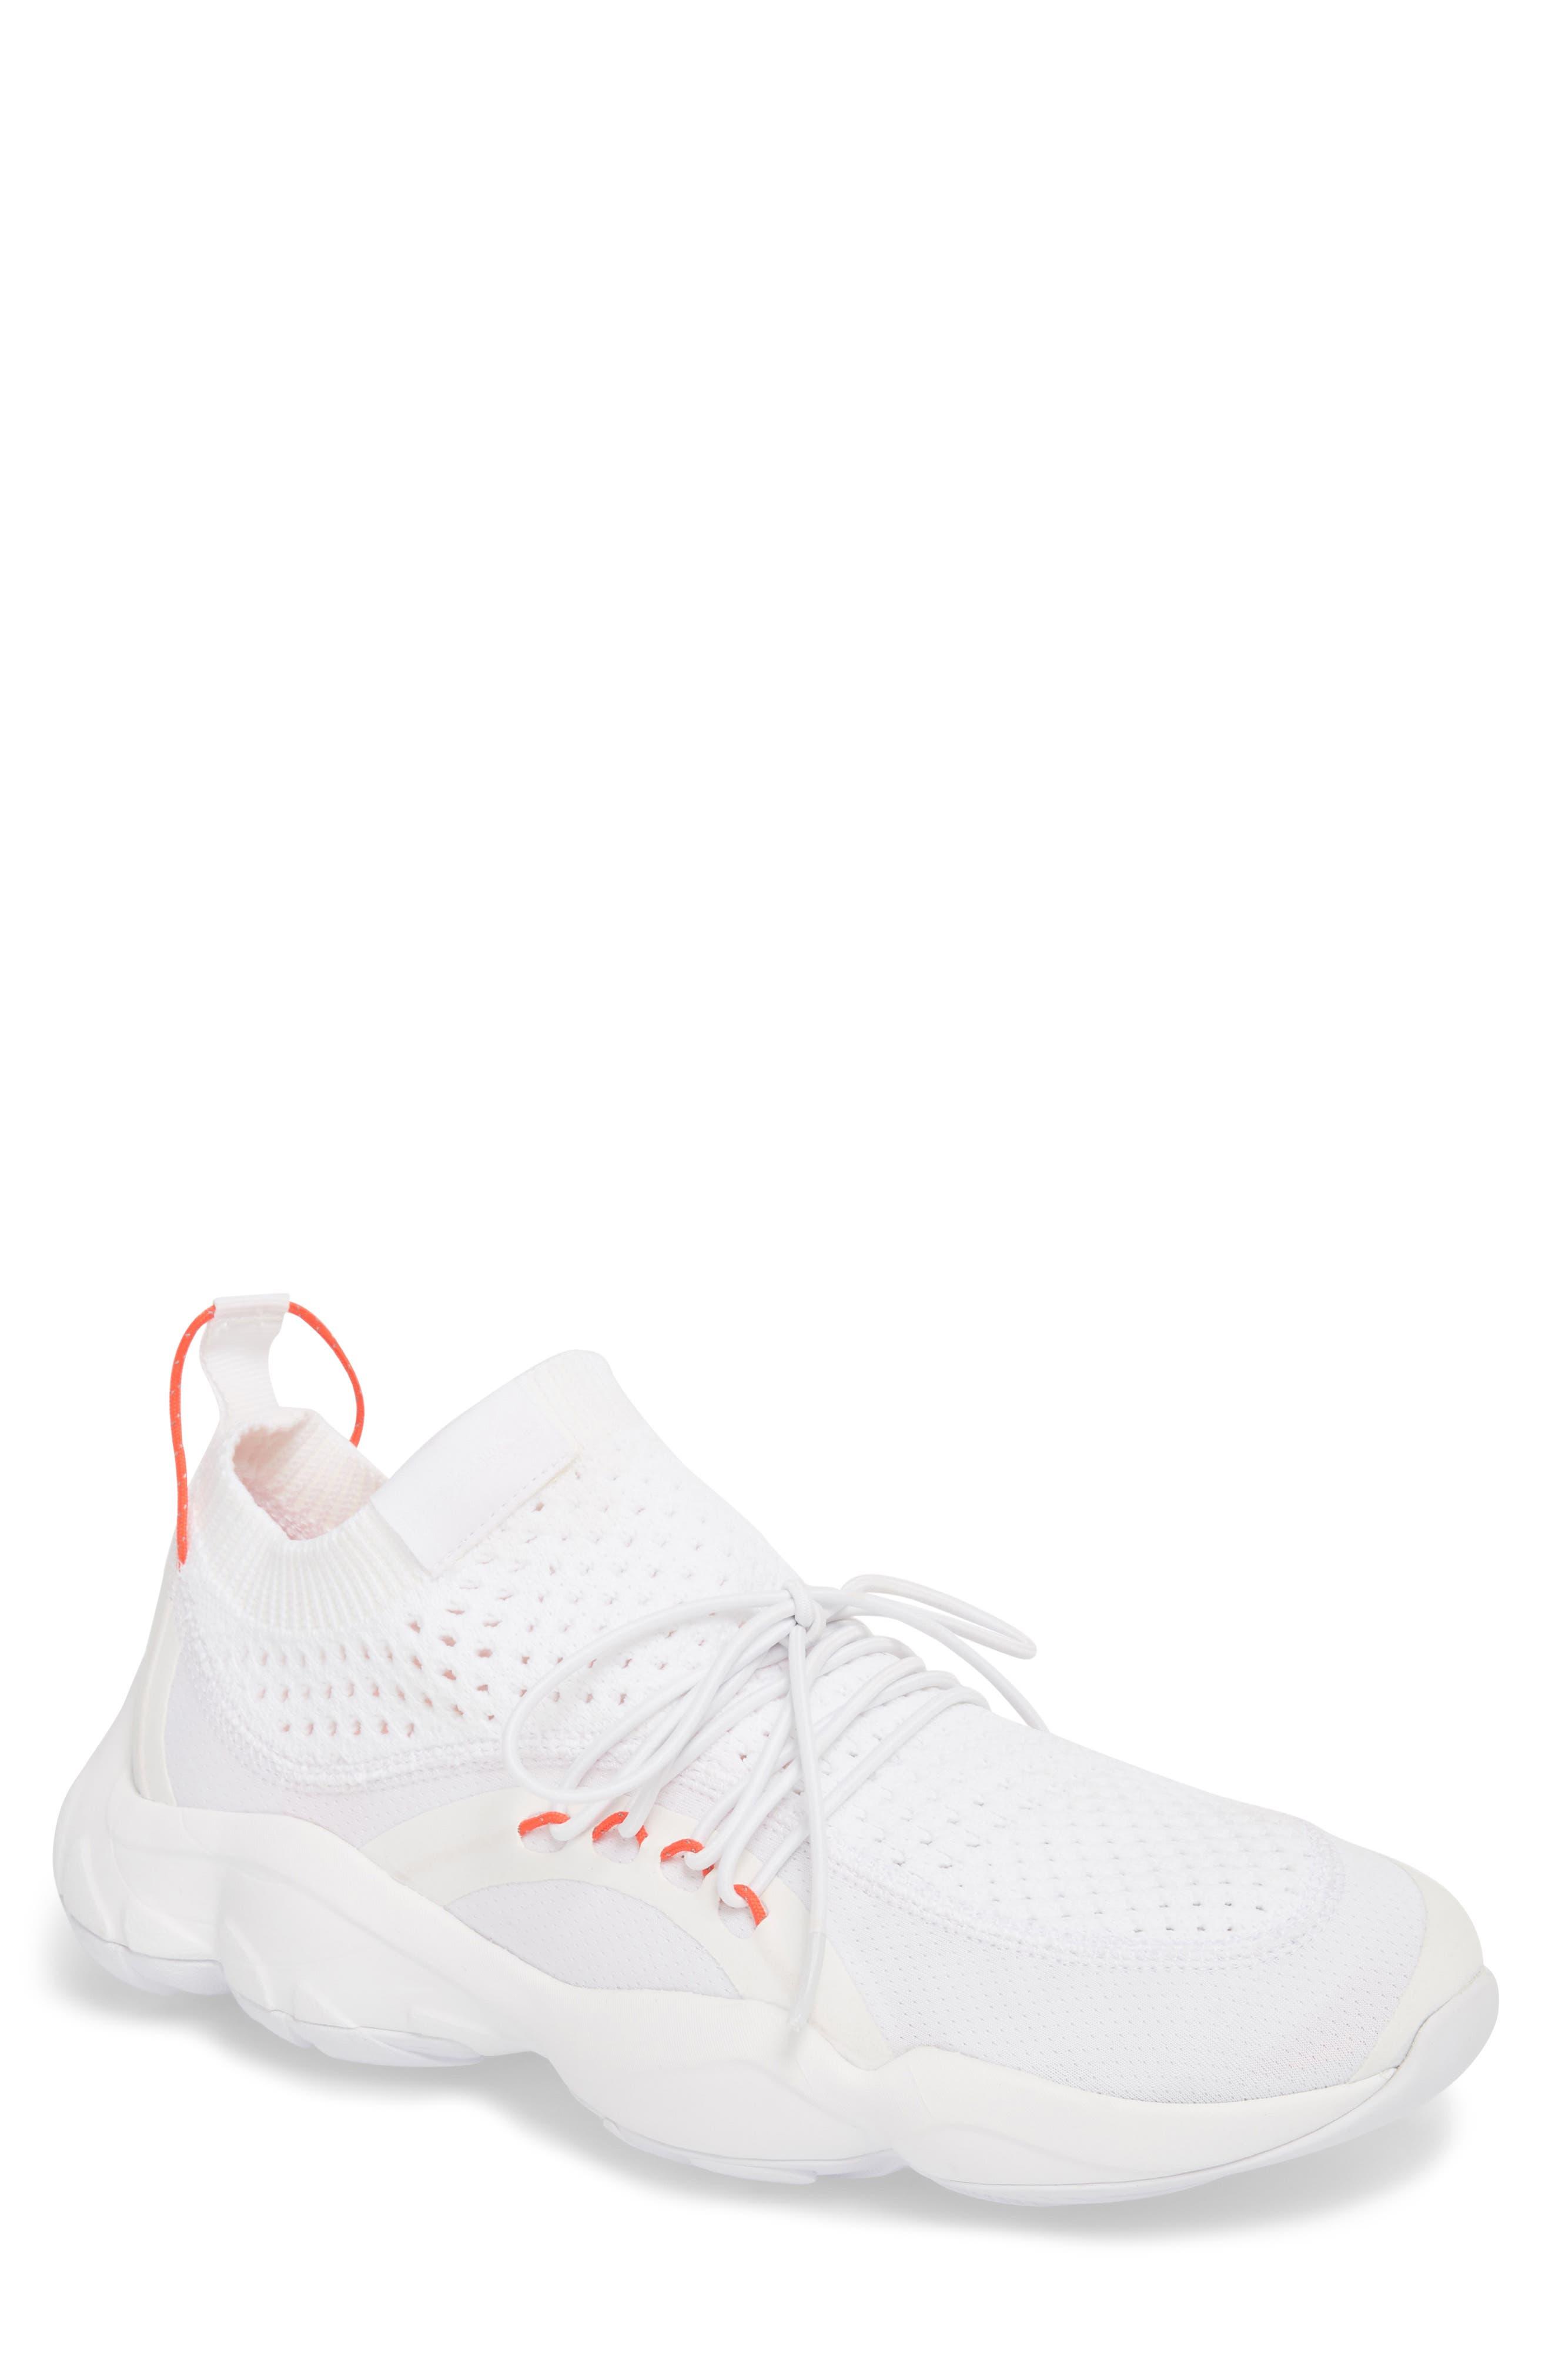 DMX Fusion NR Sneaker,                         Main,                         color, WHITE/ BLACK/ NEON CHERRY